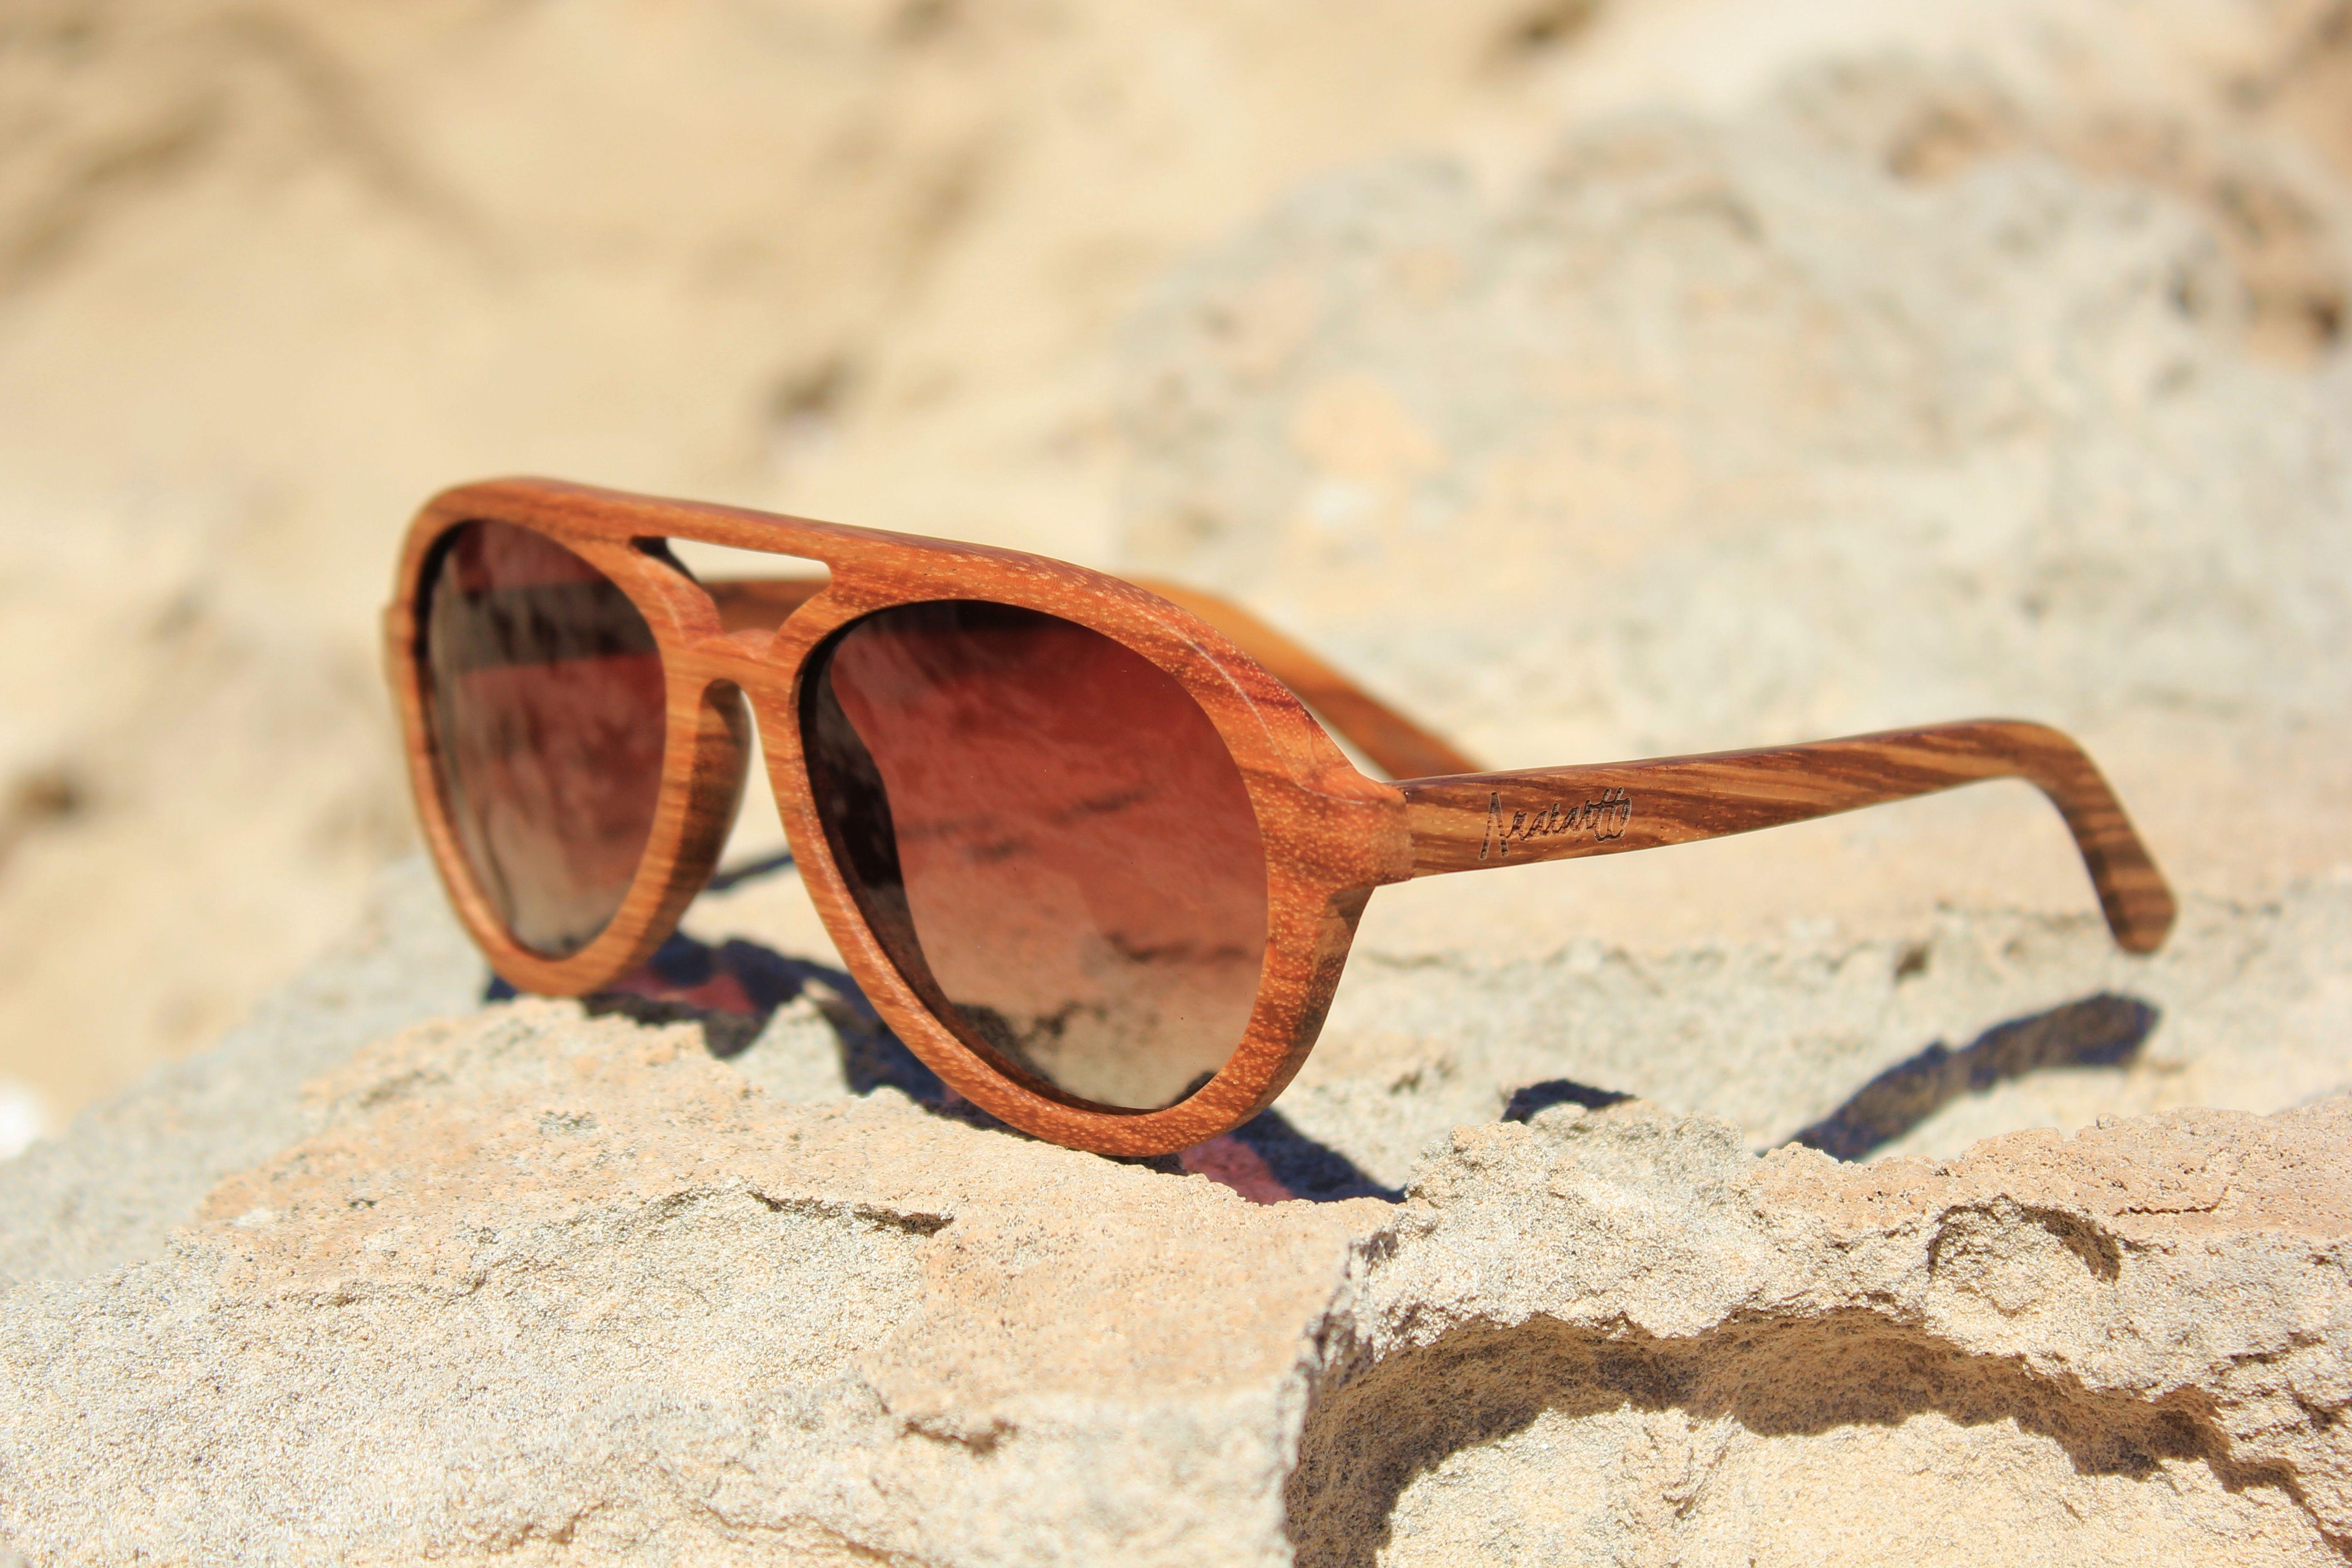 5295f50bf5 Amarantto - Modelo Okra - Gafas de sol unisex, con montura de madera  realizadas a mano. Lentes GRADIENT BROWN polarizadas y con protección  UV400. Precio: ...